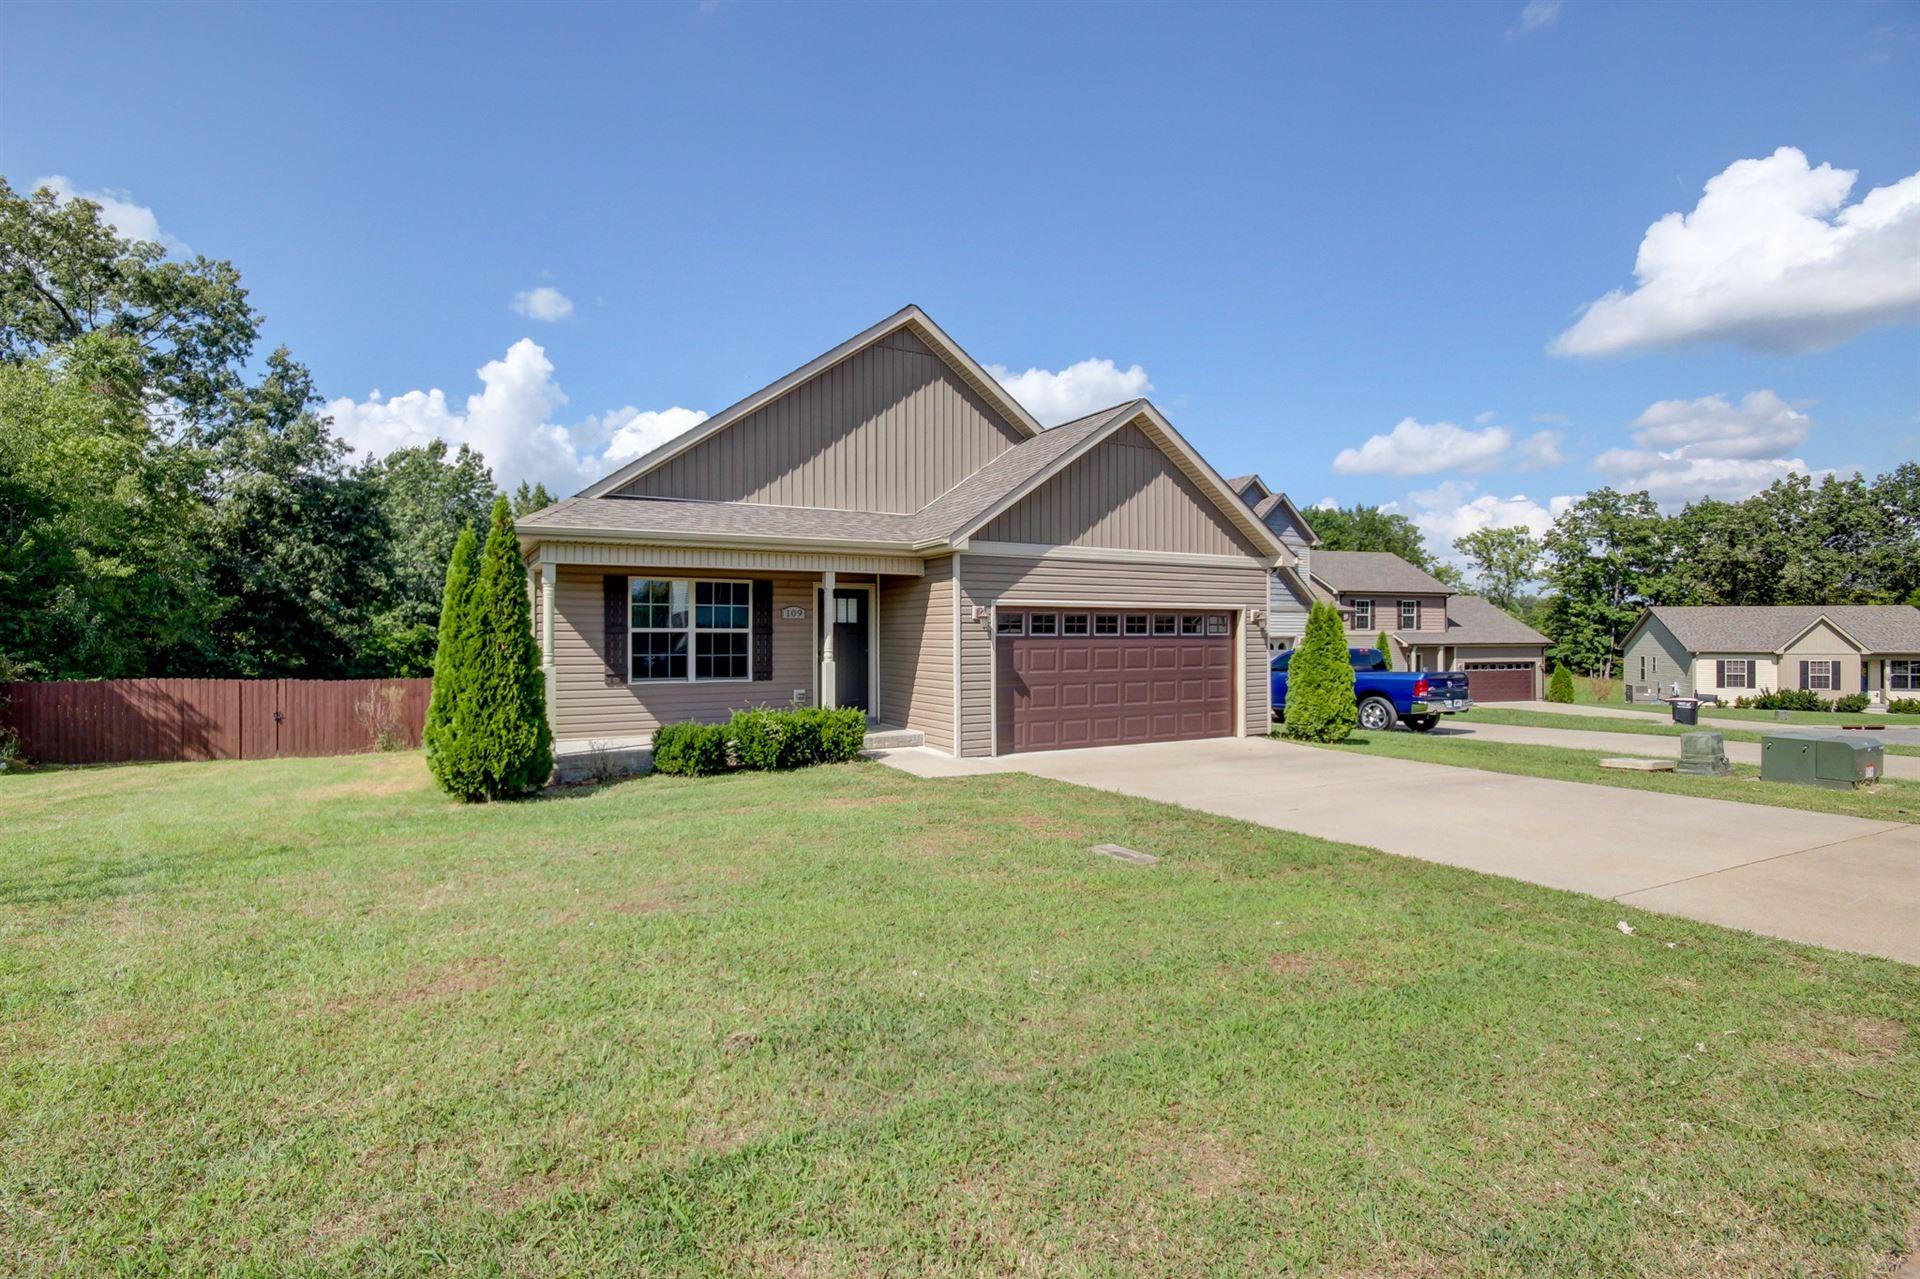 109 Grassmire Dr, Clarksville, TN 37042 - MLS#: 2291938